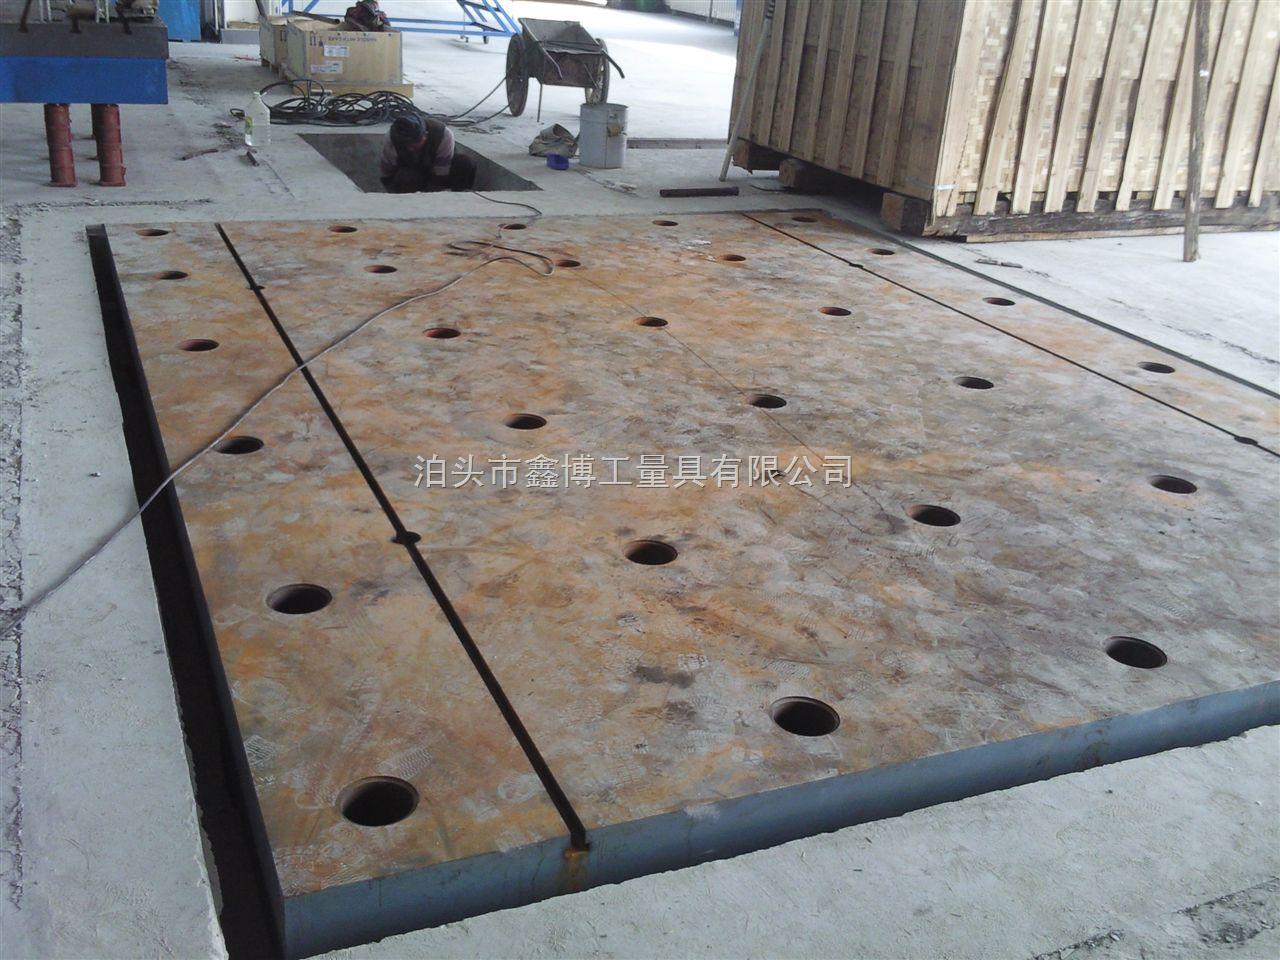 鑫博厂家专业供应铸铁试验平台诚信三年质保